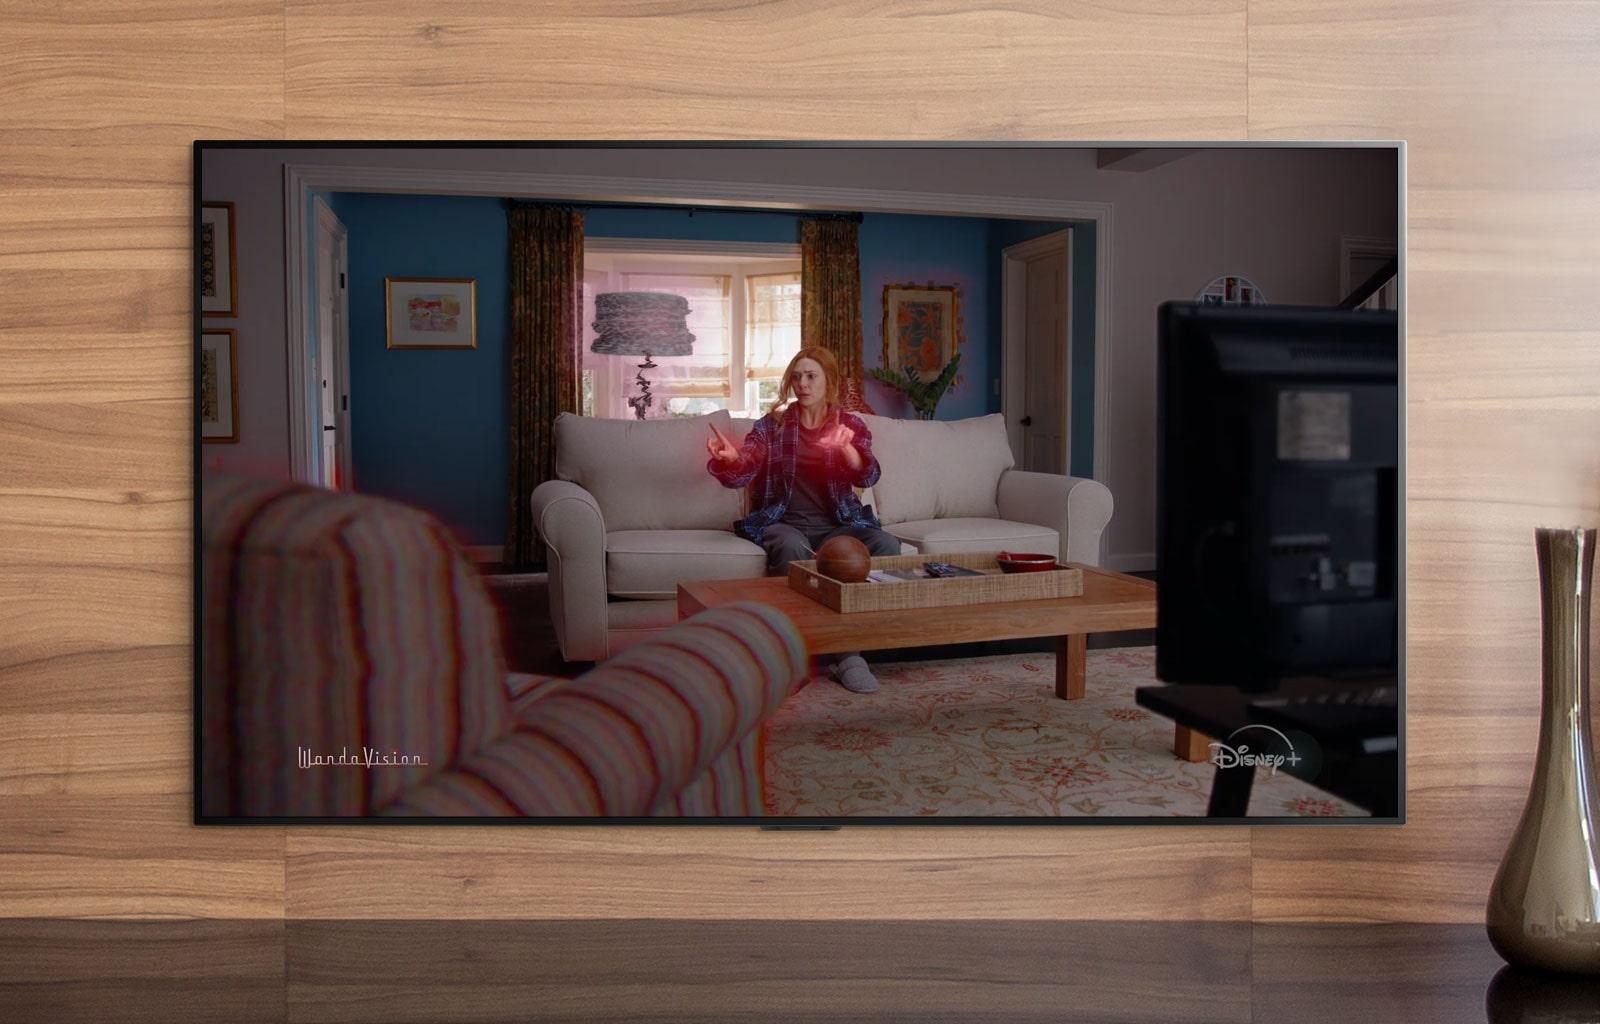 מסך טלוויזיה מציג טריילר של וונדה-ויז'ן של מארוול ב-+Disney (הפעילו את הסרטון)